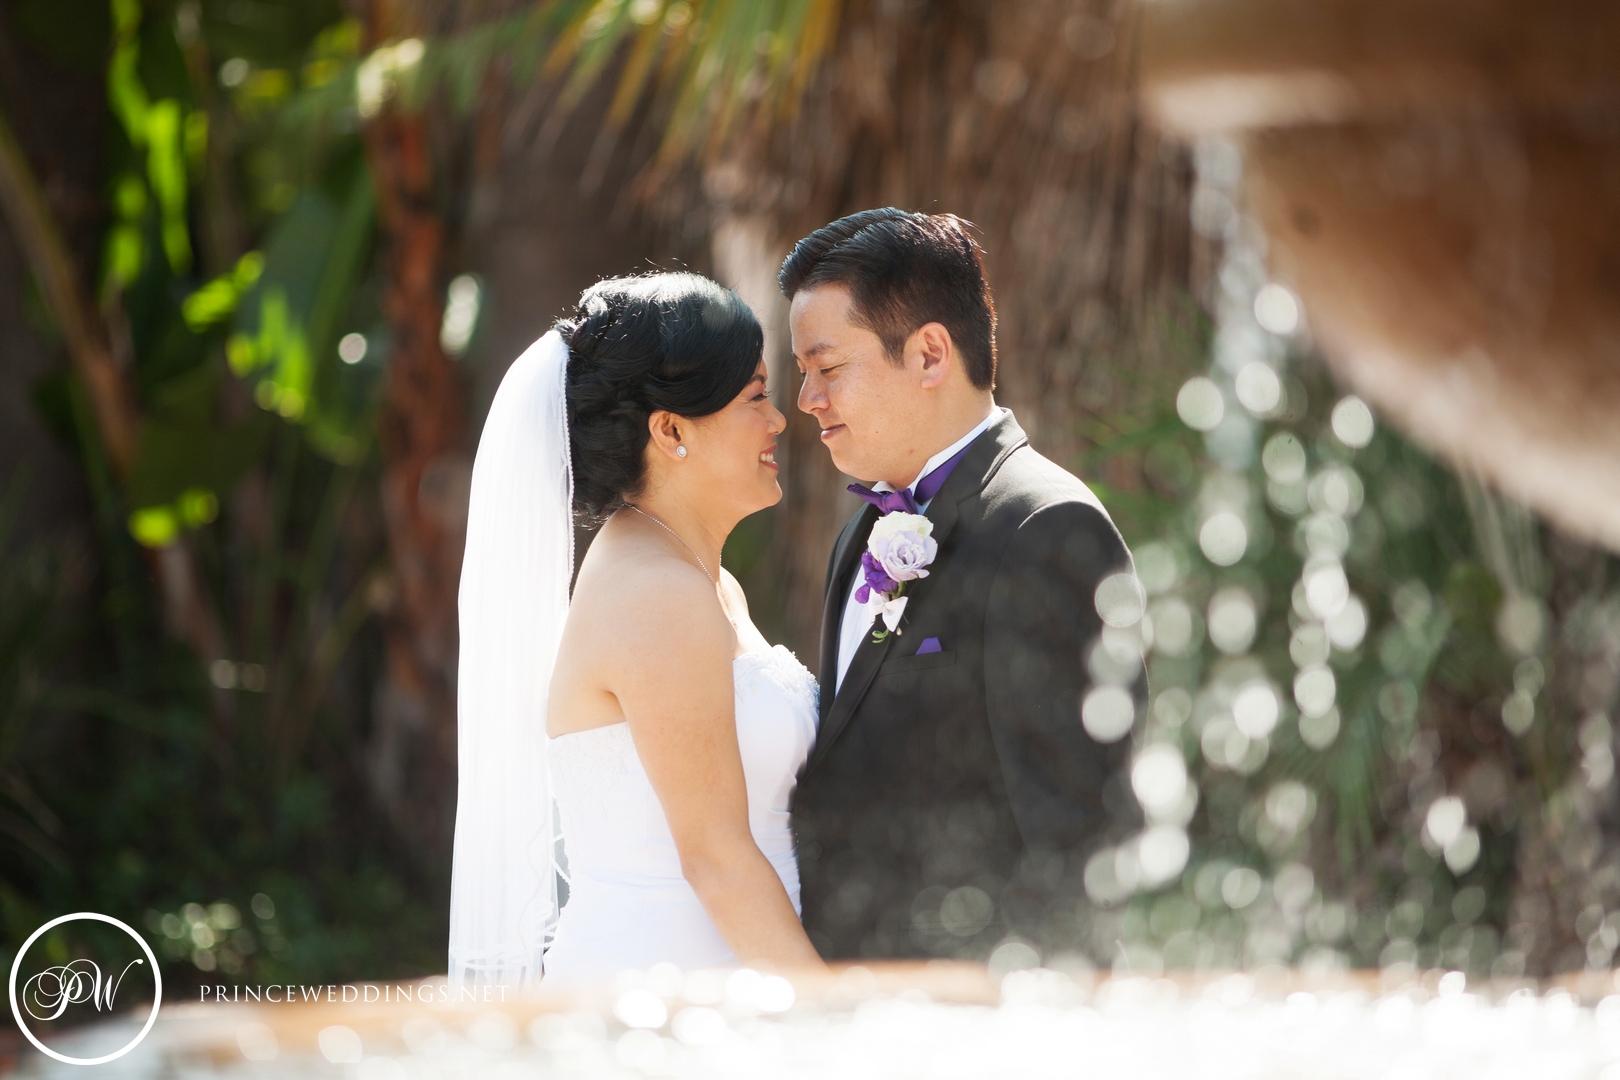 TurnipRose_Wedding_Photography_James+Luisa29.jpg